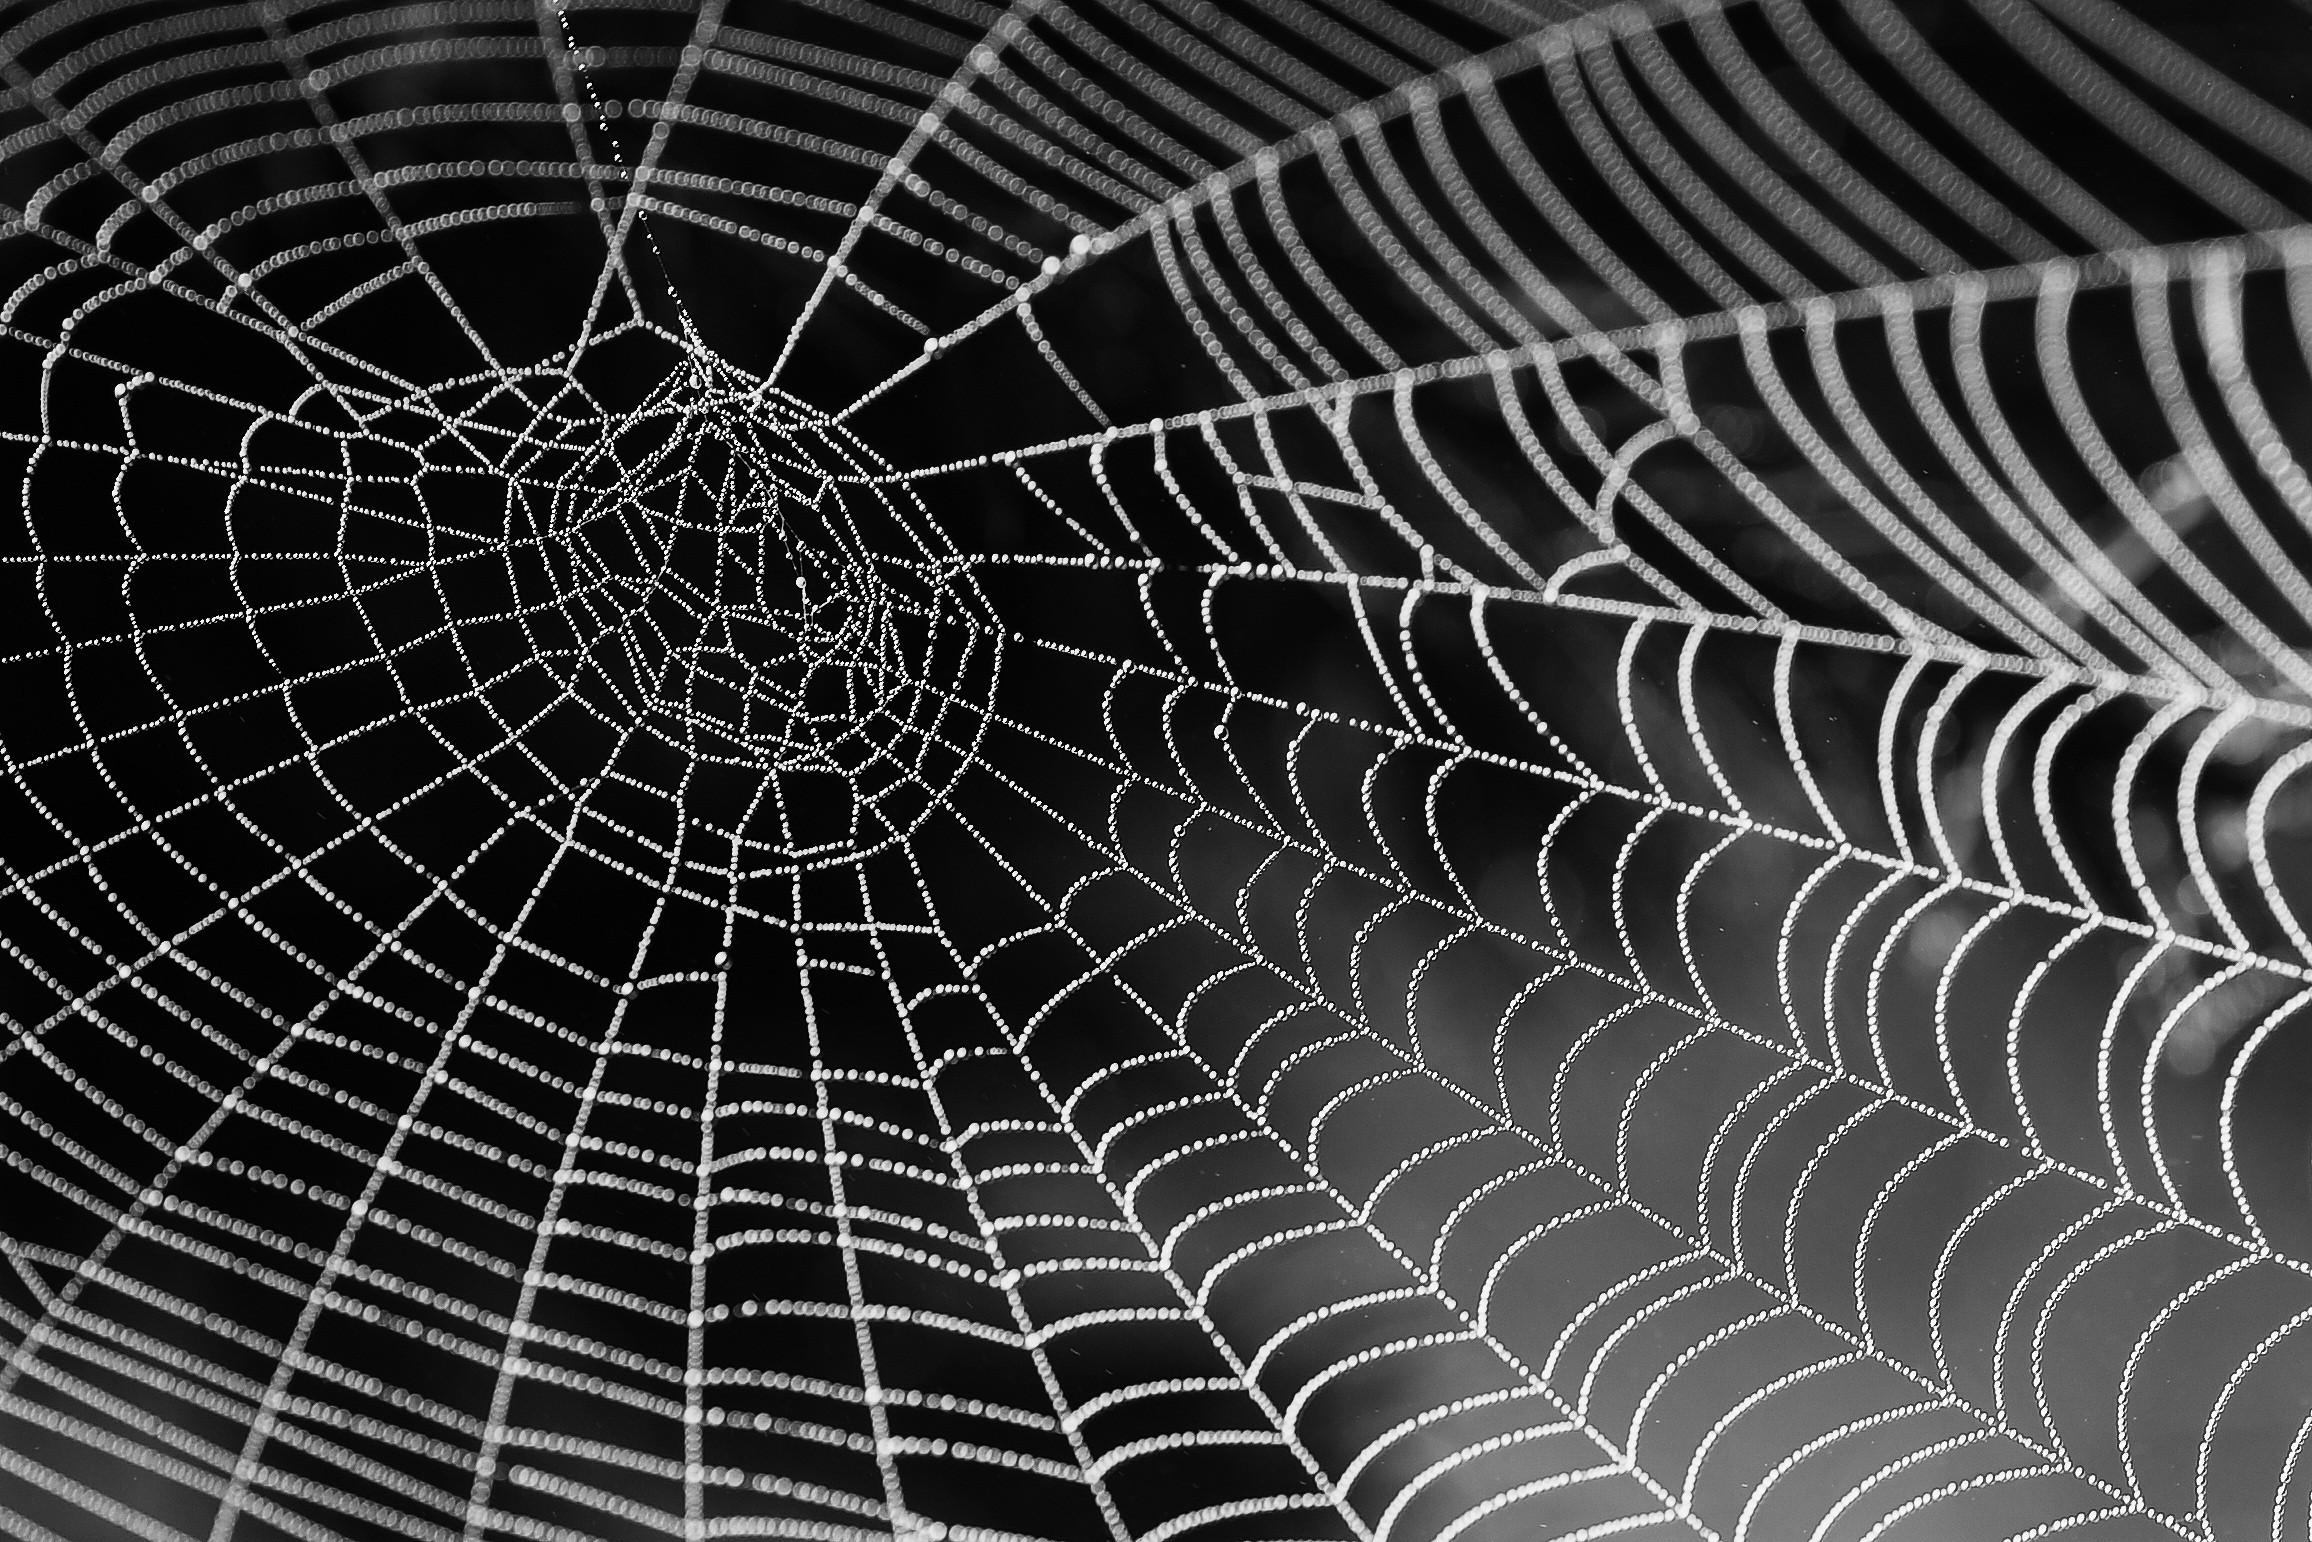 Teia de aranha é a fibra natural mais forte conhecida no mundo (Foto: Pxhere/Creative Commons)